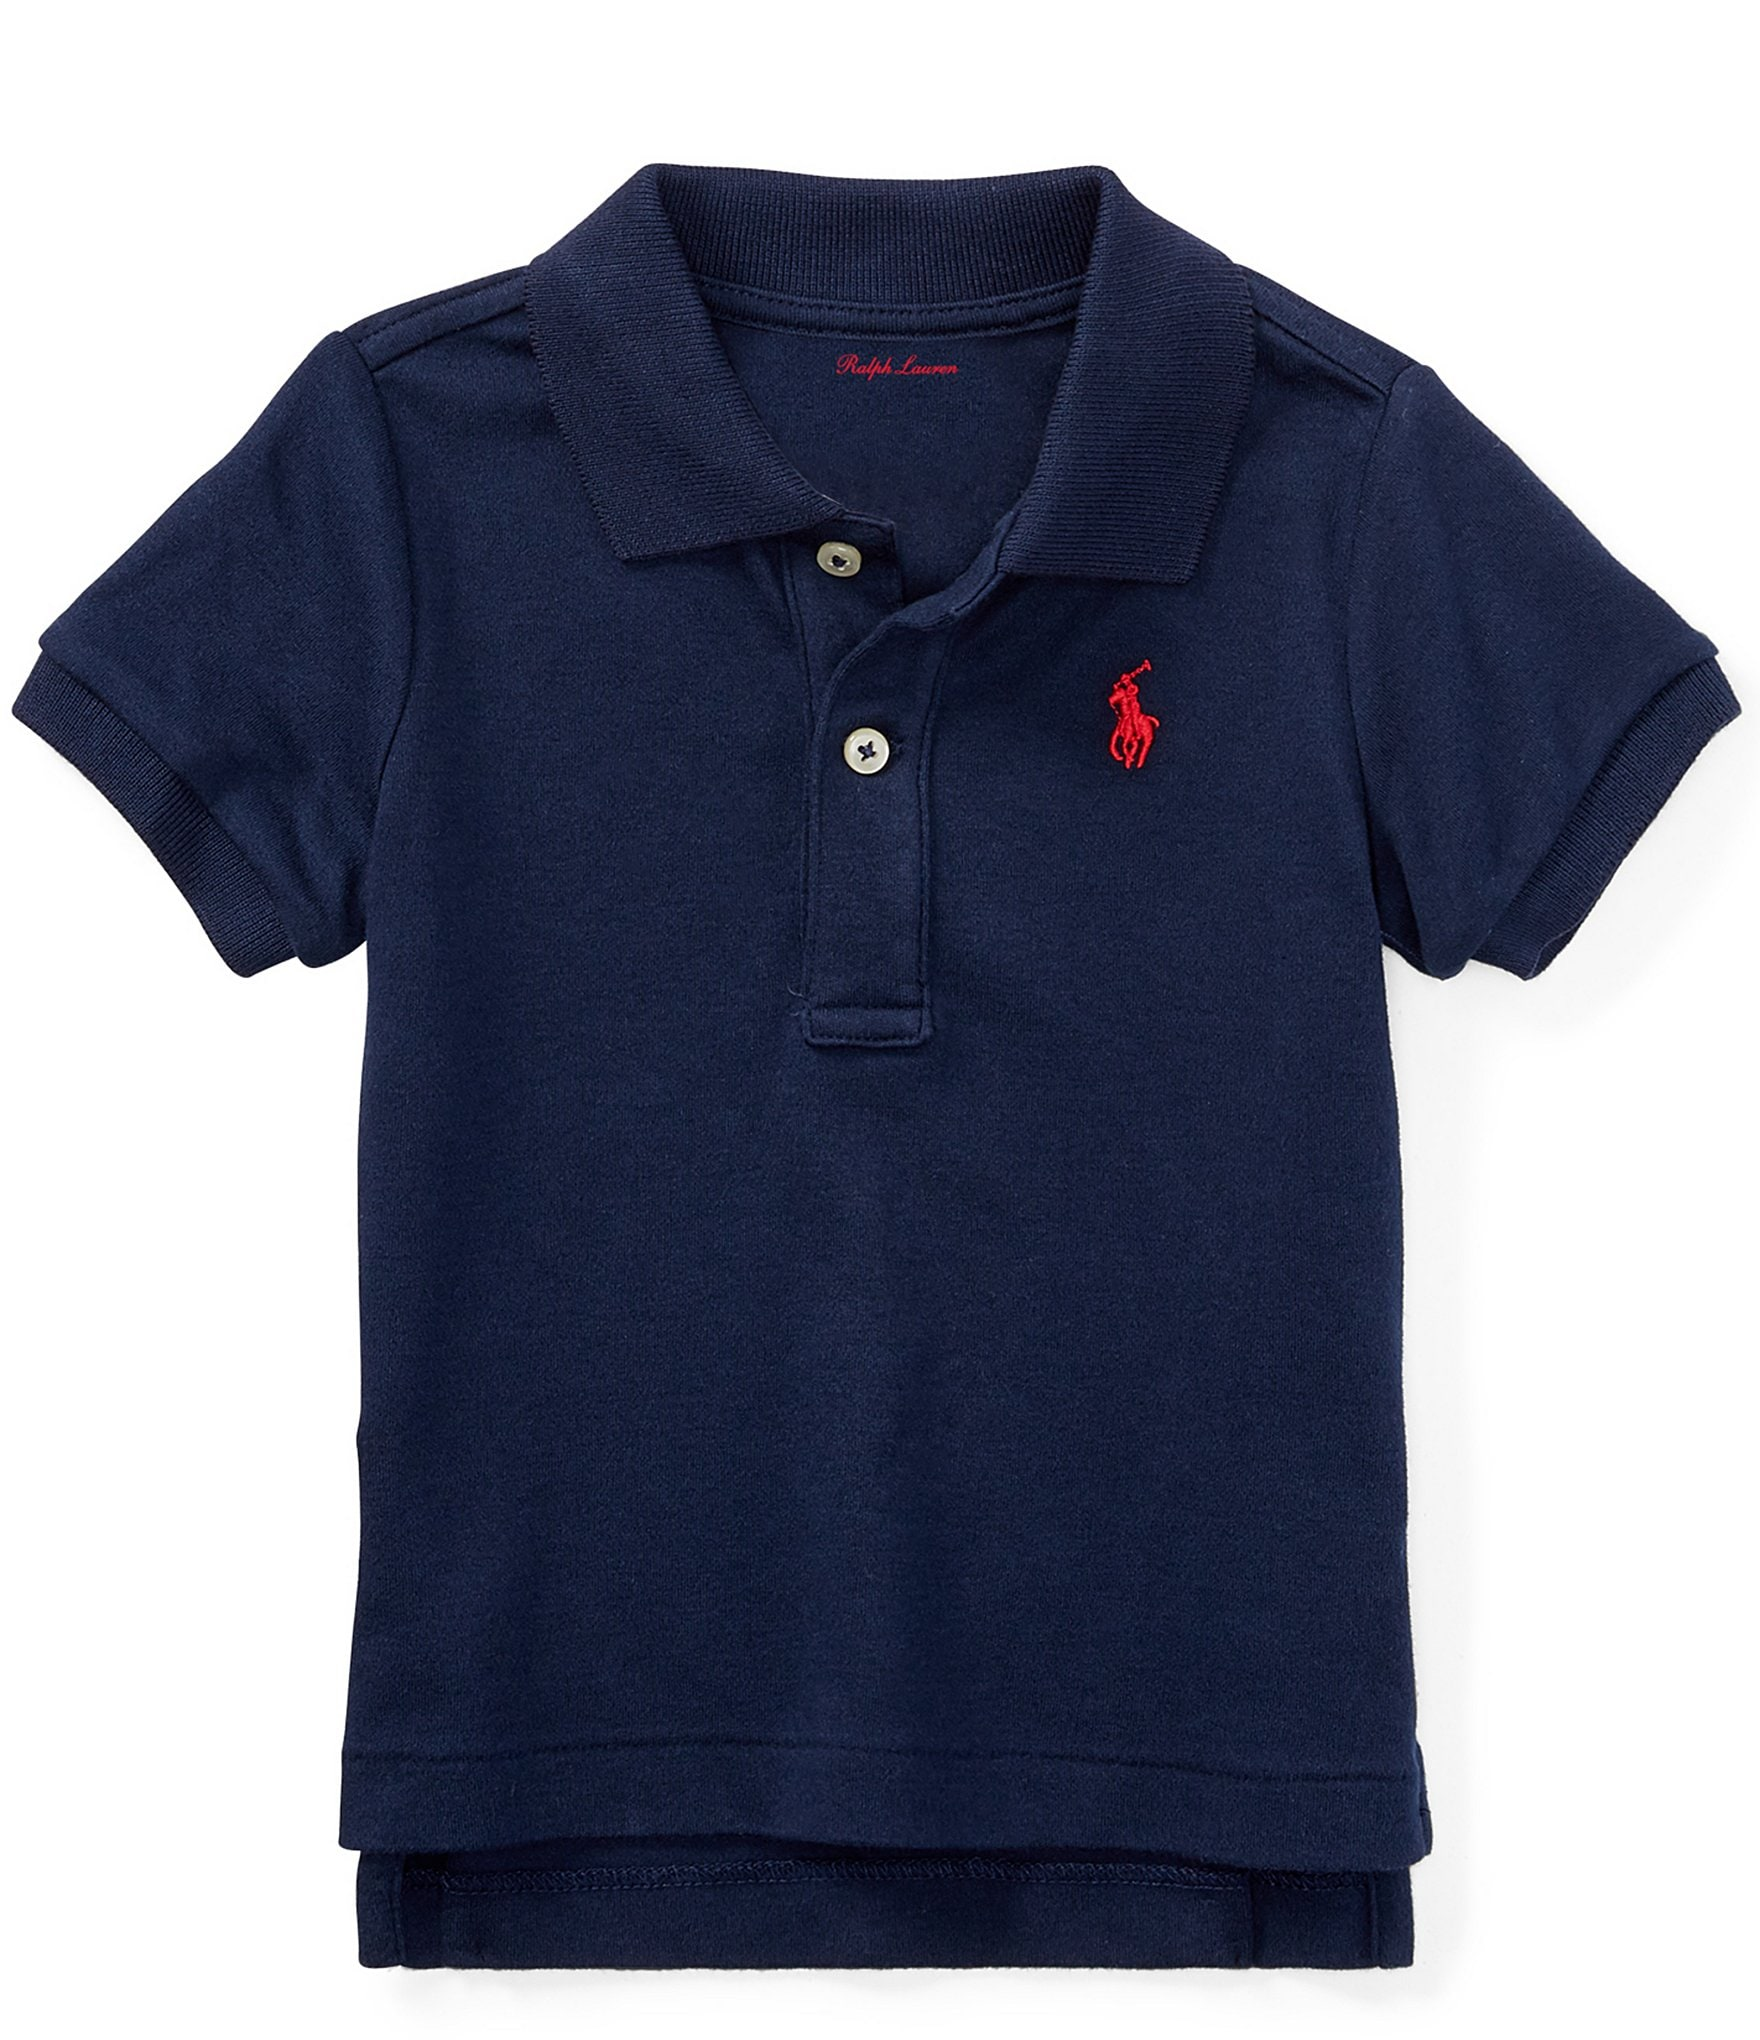 7d1c5dbf Ralph Lauren Kids | Dillard's